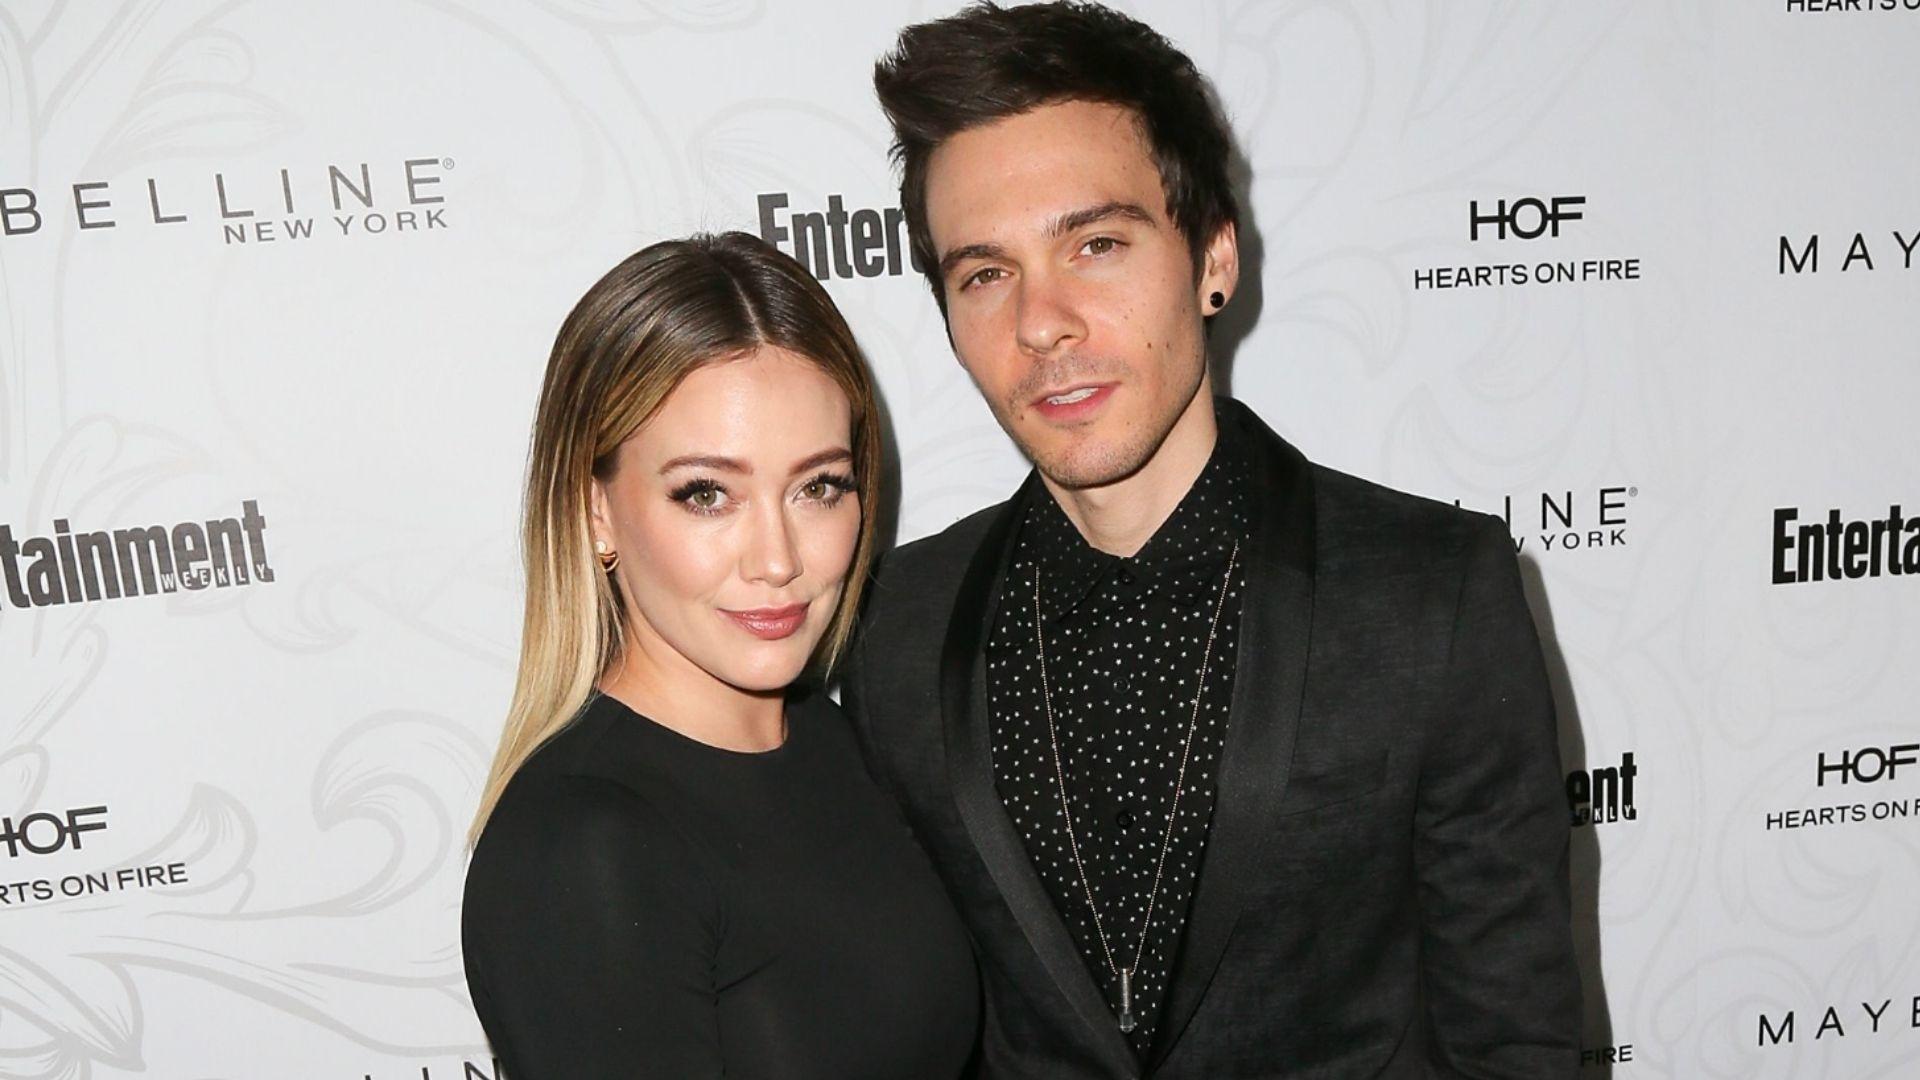 Hilary Duff Just Got Married In Secret In Los Angeles